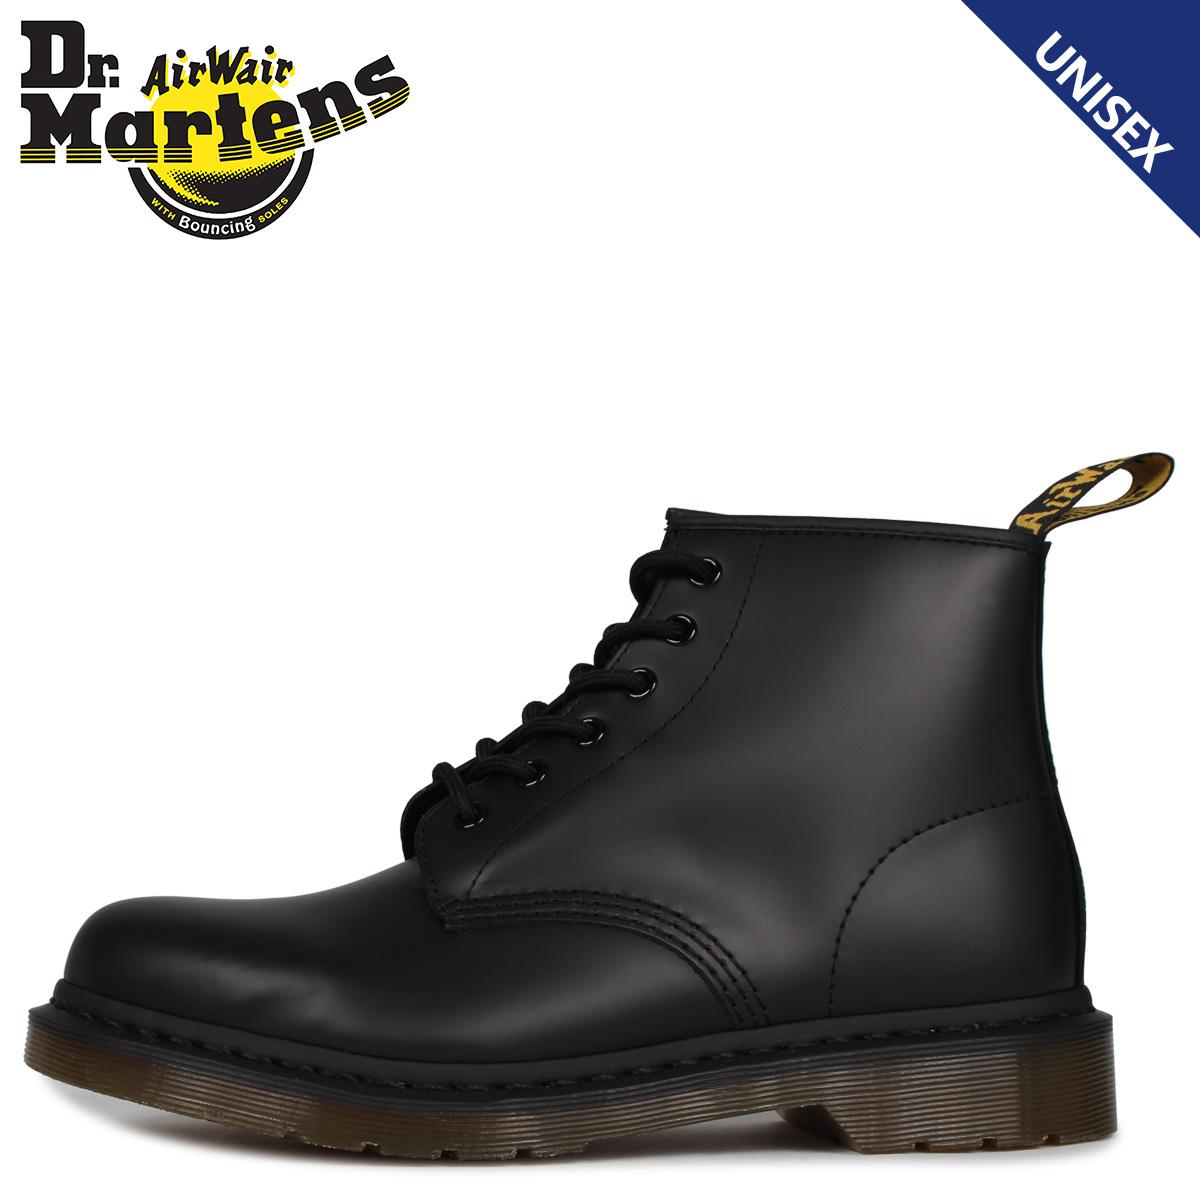 送料無料 あす楽対応 22.5cm-28cm 実物 ドクターマーチン Dr.Martens ブーツ 101 6ホール メンズ ブラック R24255001 6EYE 優先配送 BOOTS レディース 黒